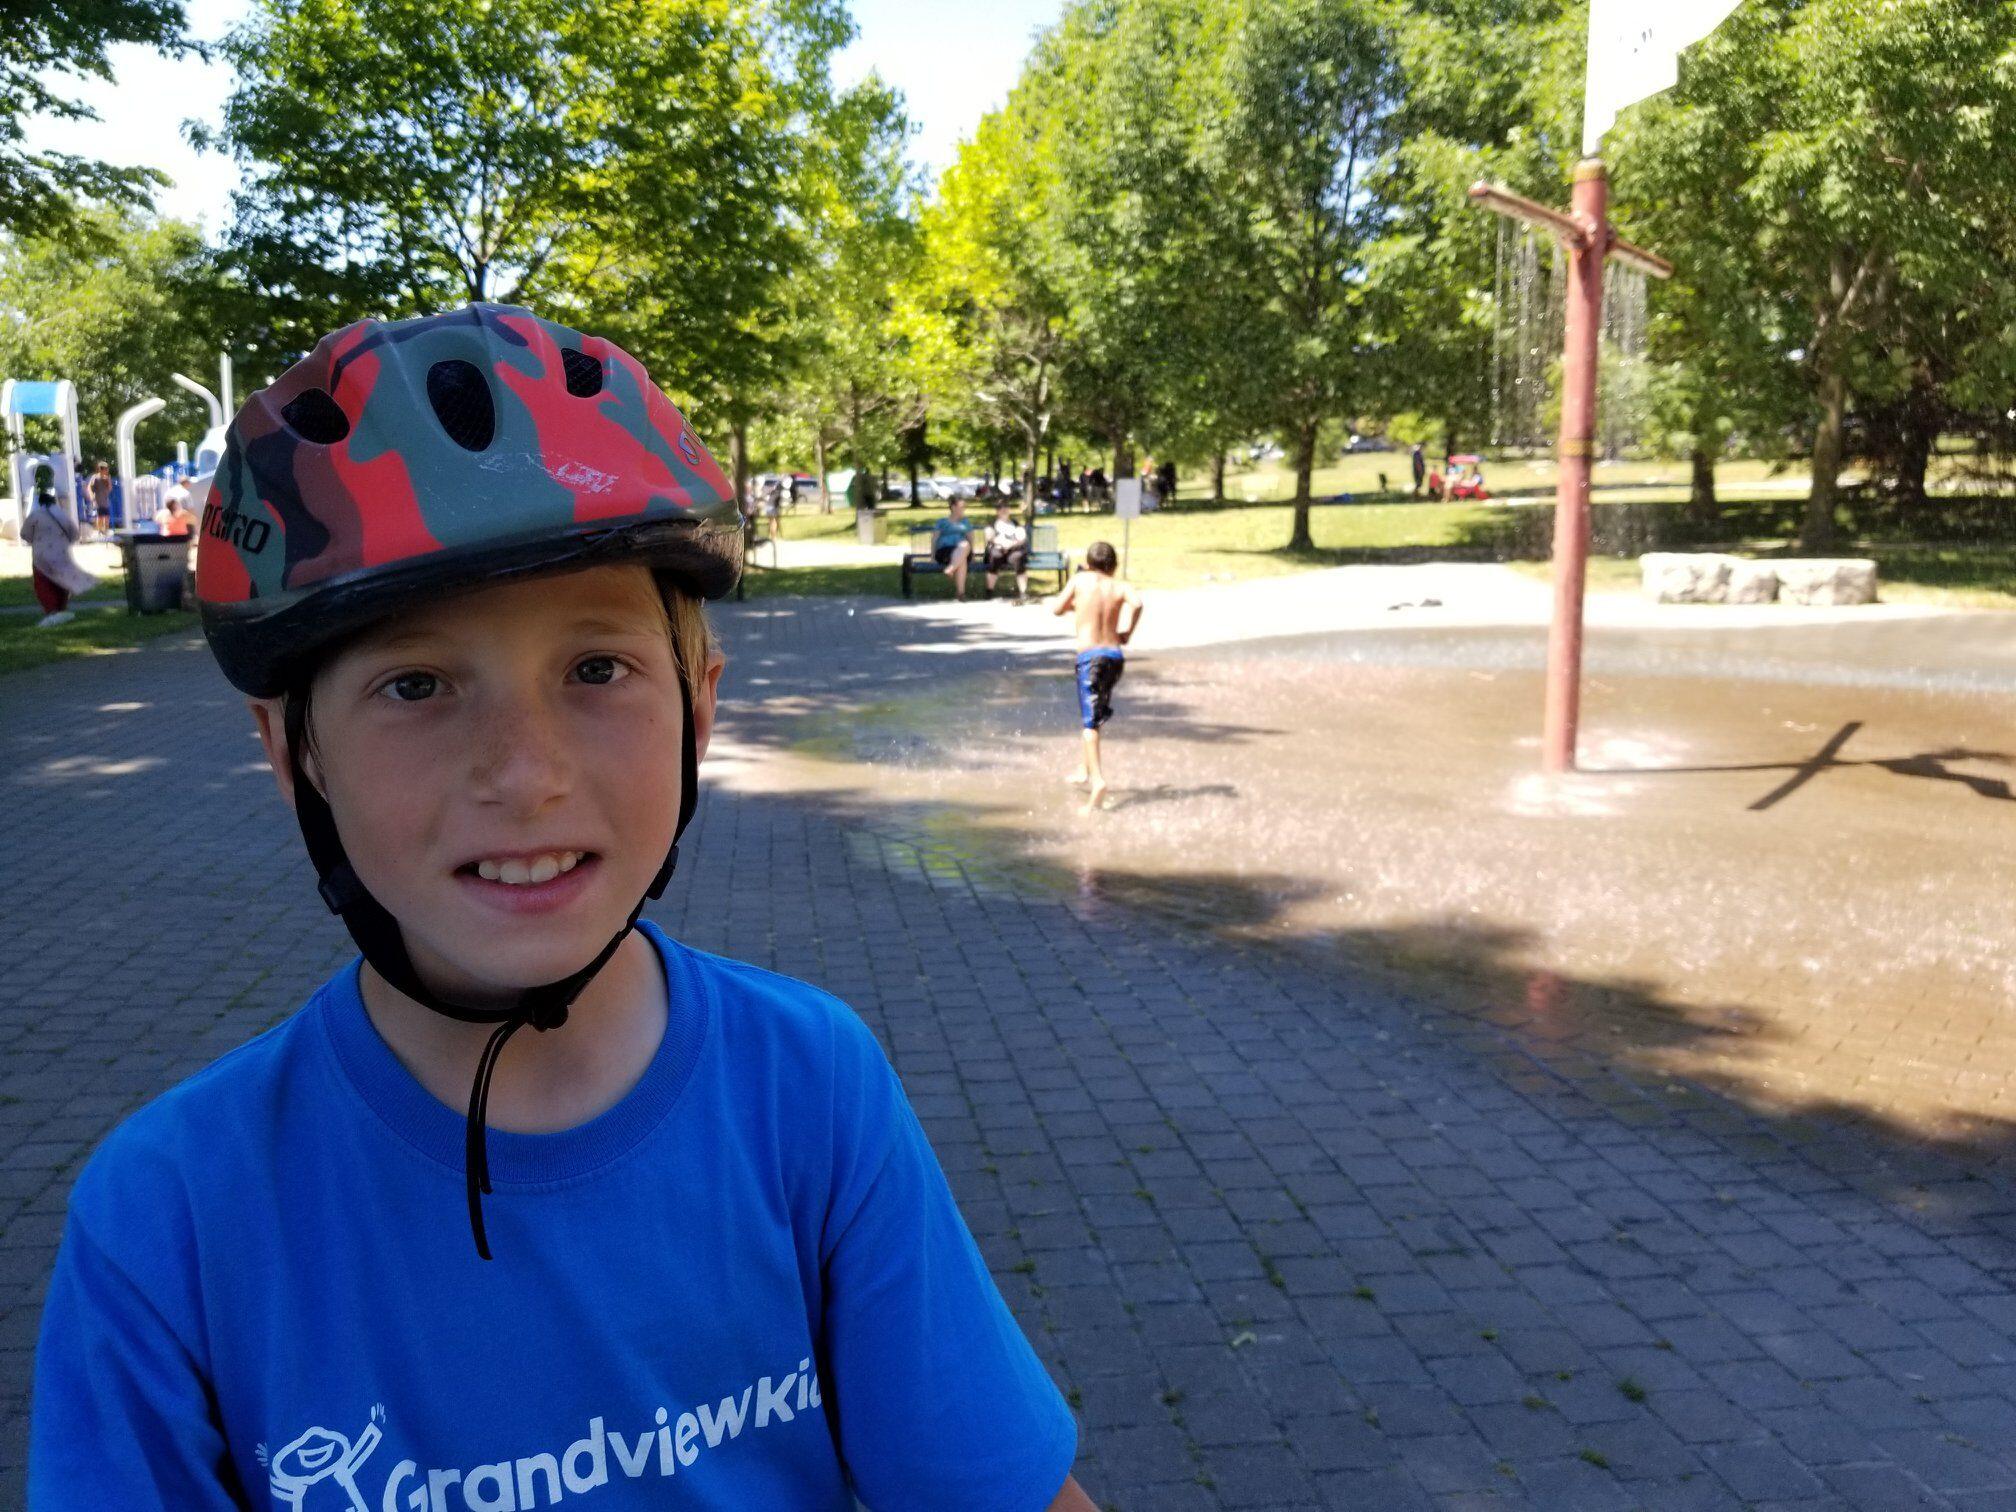 Grandview Kid at the park